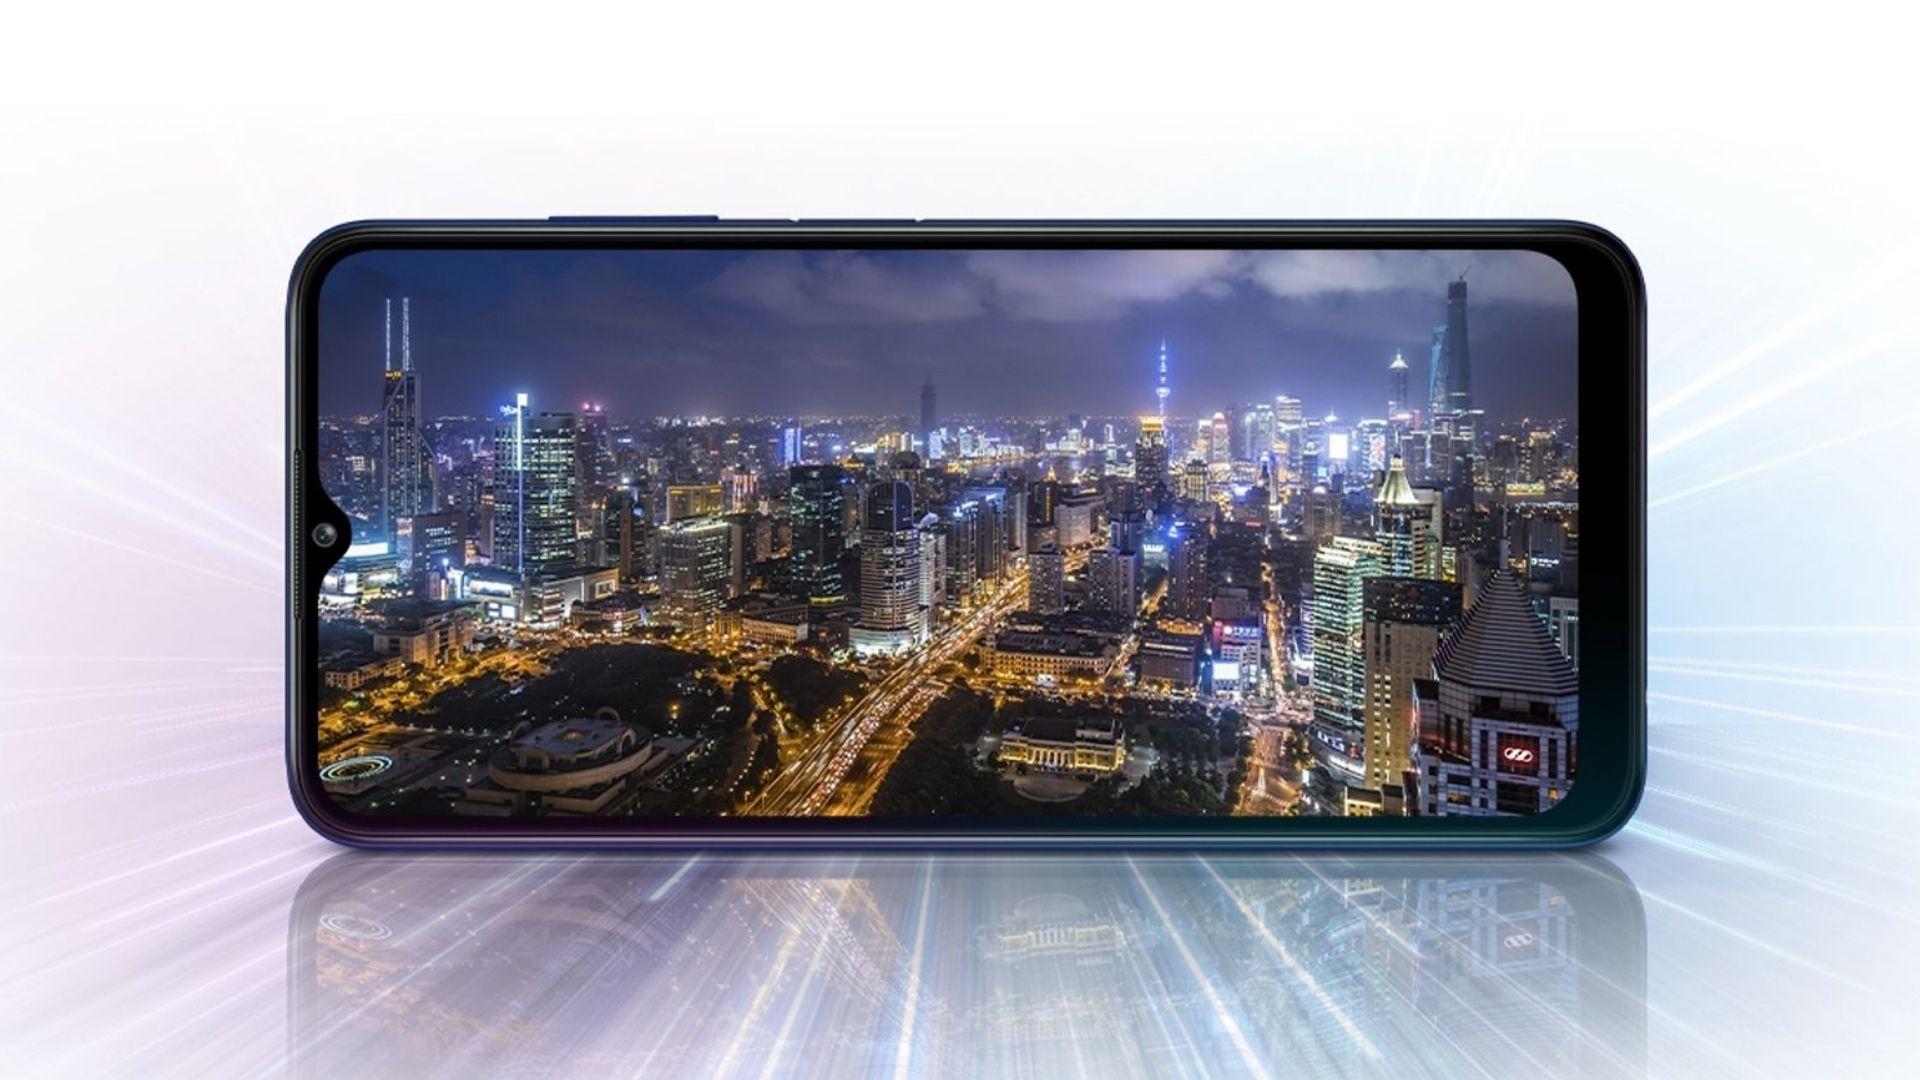 Imagem mostra tela do A03s transmitindo a imagem de uma cidade à noite